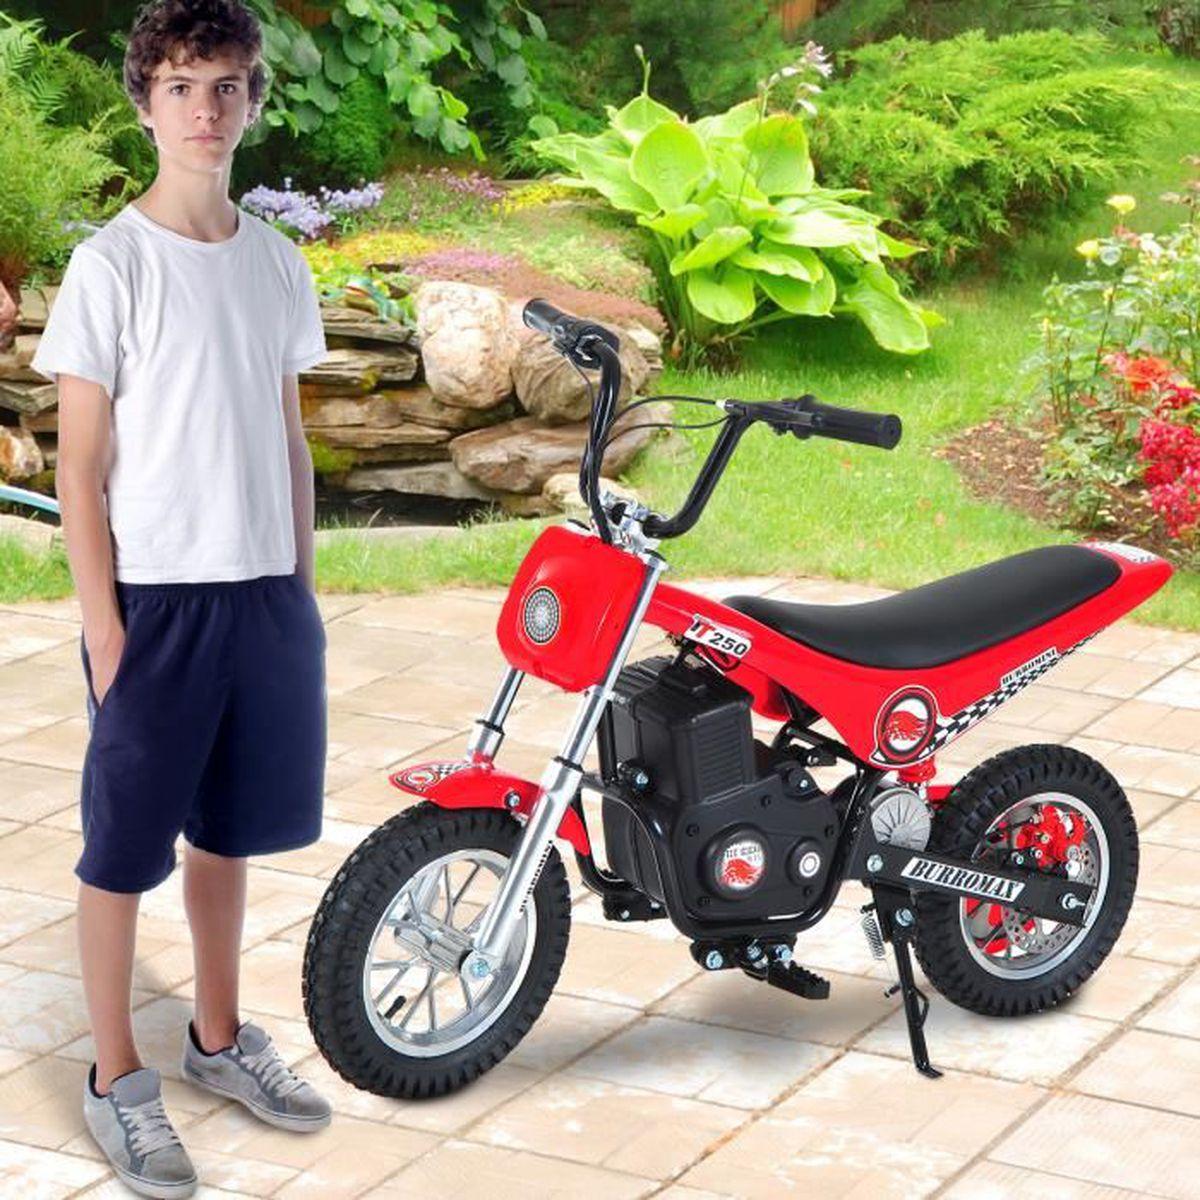 moto v hicule lectrique pour enfant plus de 14 ans 350w avec cl tube acier pneu cacoutchouc. Black Bedroom Furniture Sets. Home Design Ideas